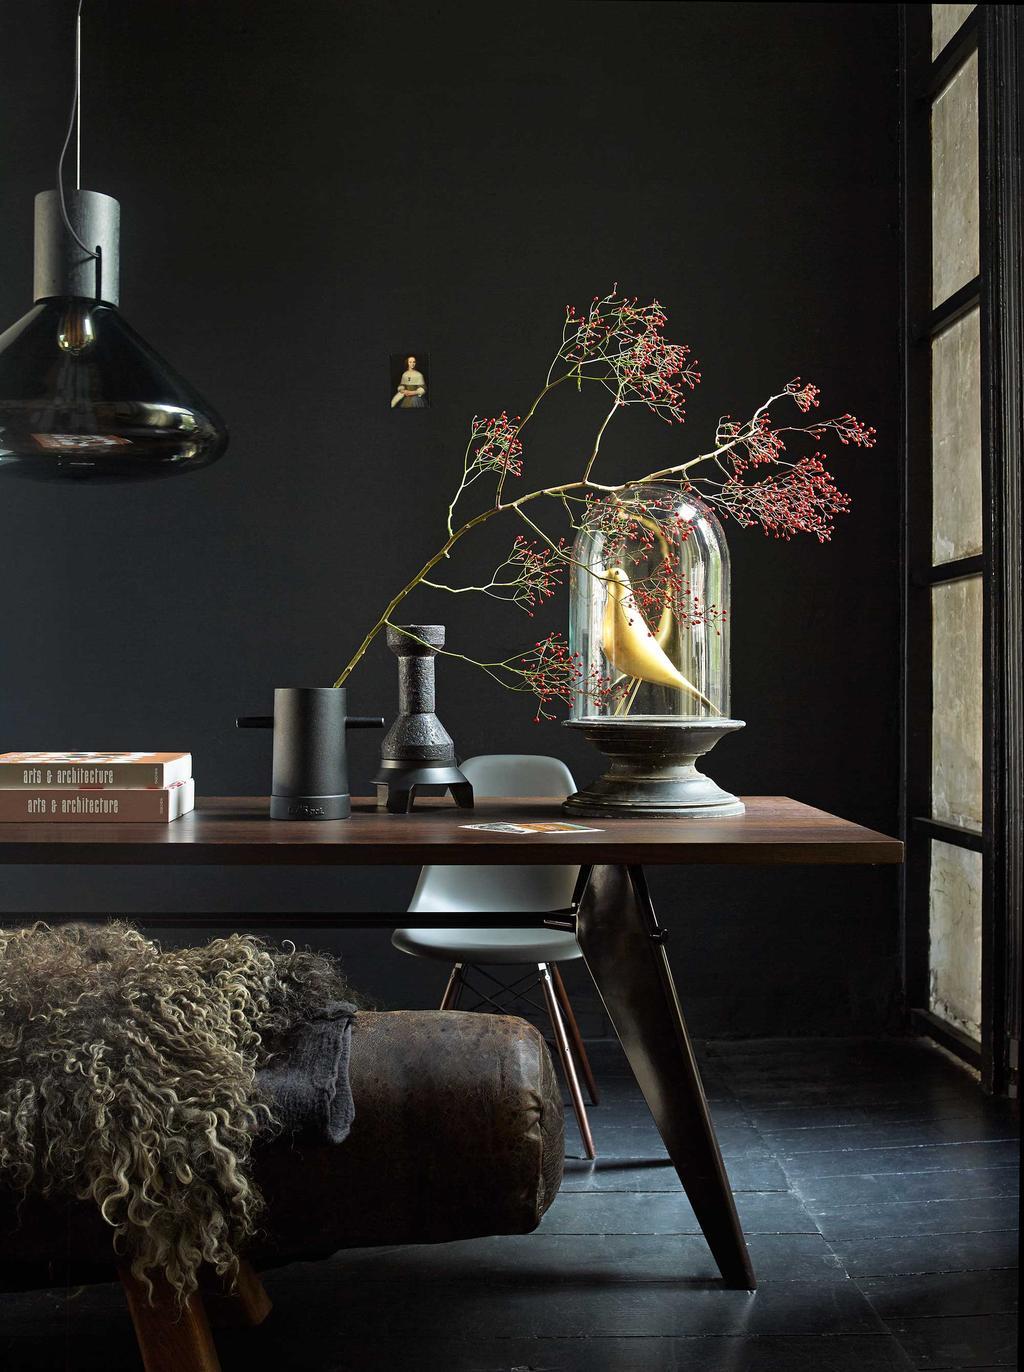 Woontrend: interieurdesign uit verschillende tijdsperiodes